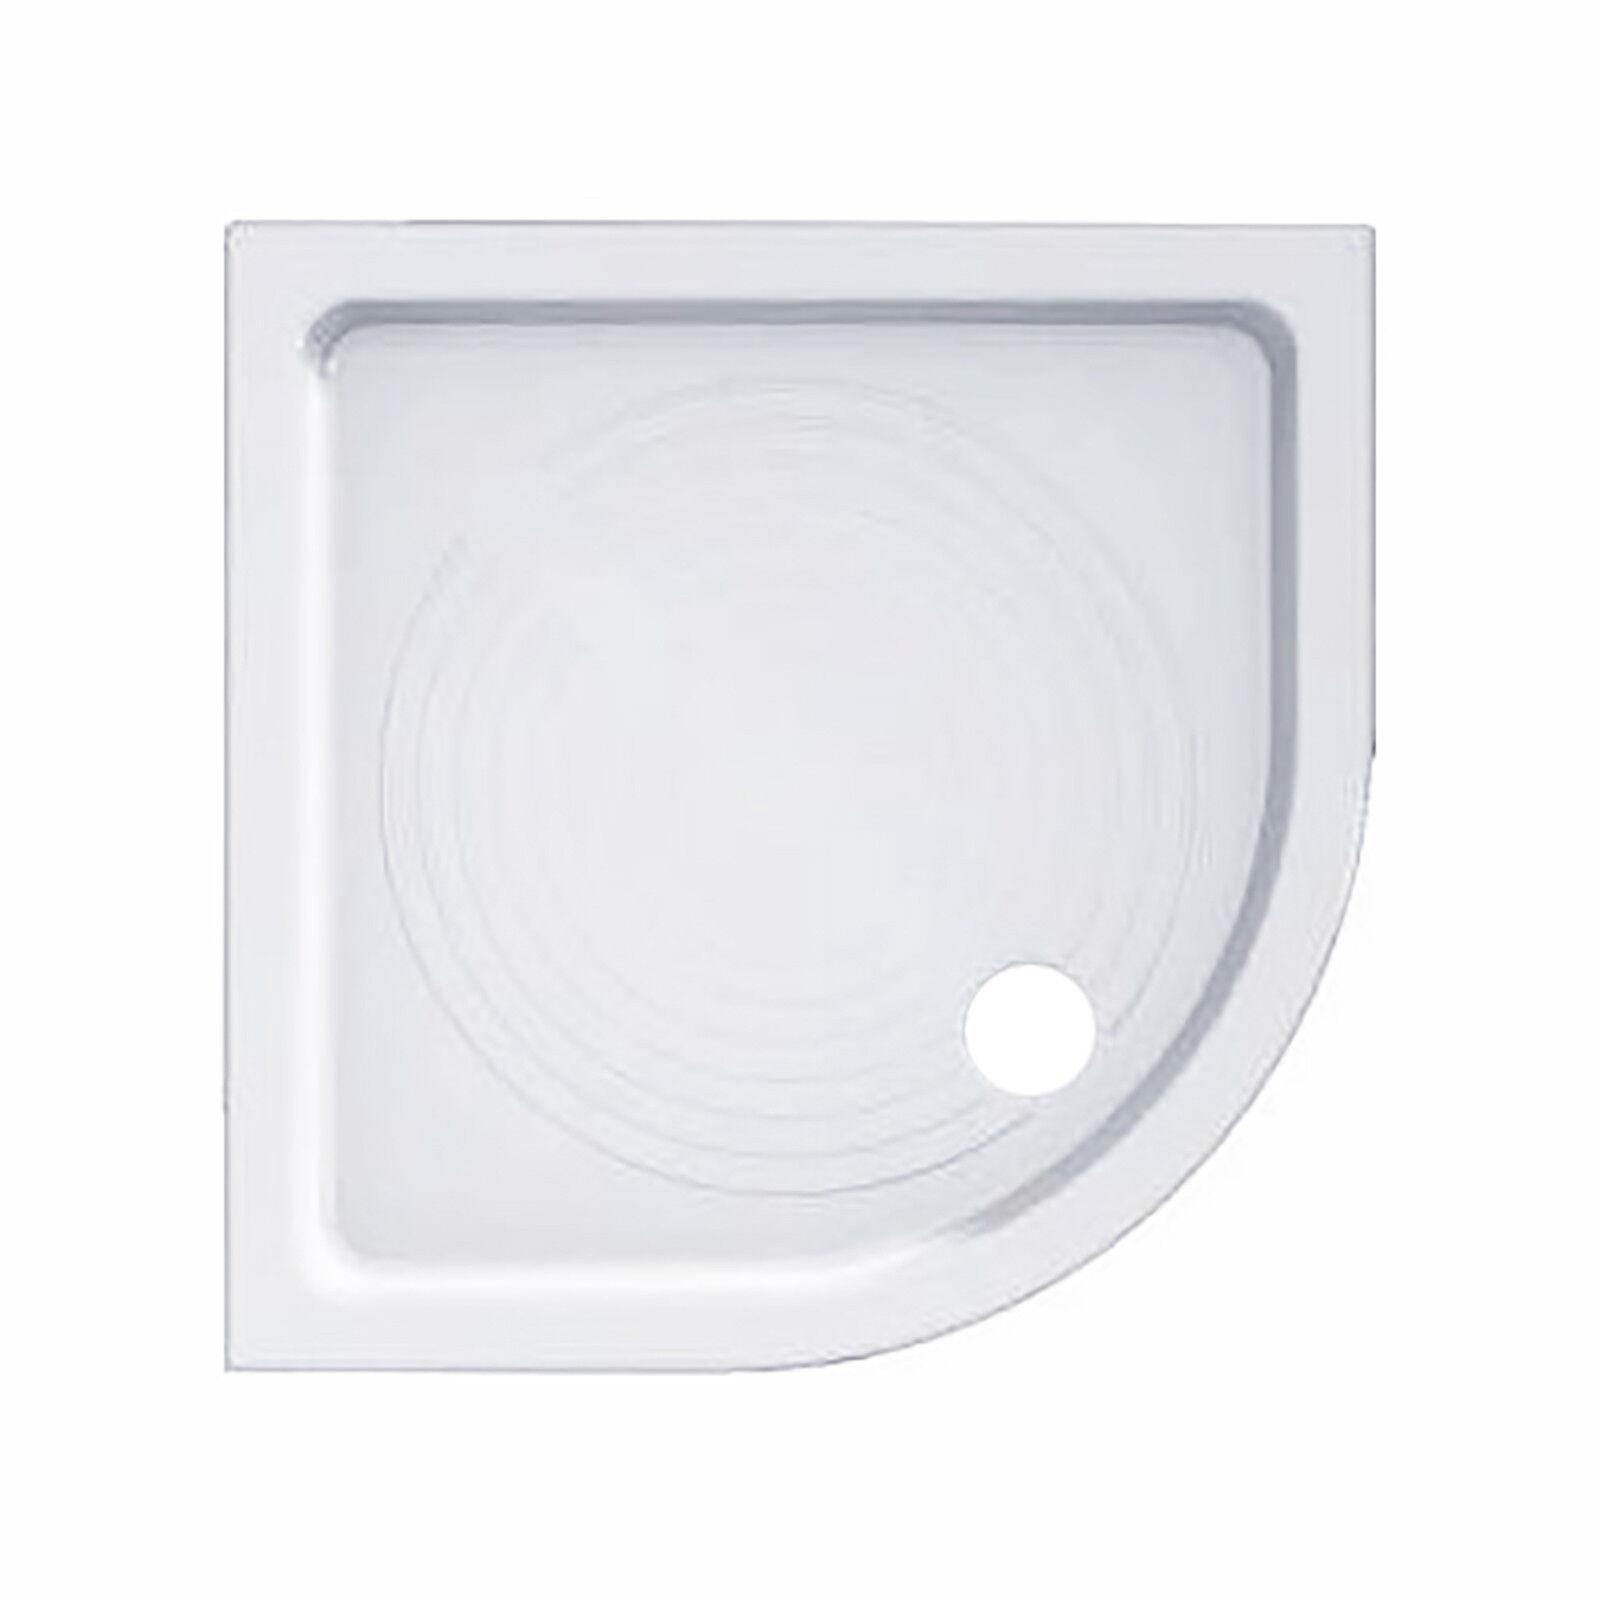 Piatto doccia ceramica angolare 90 x 90 serie Azzurra Galileo antiscivolo angolo